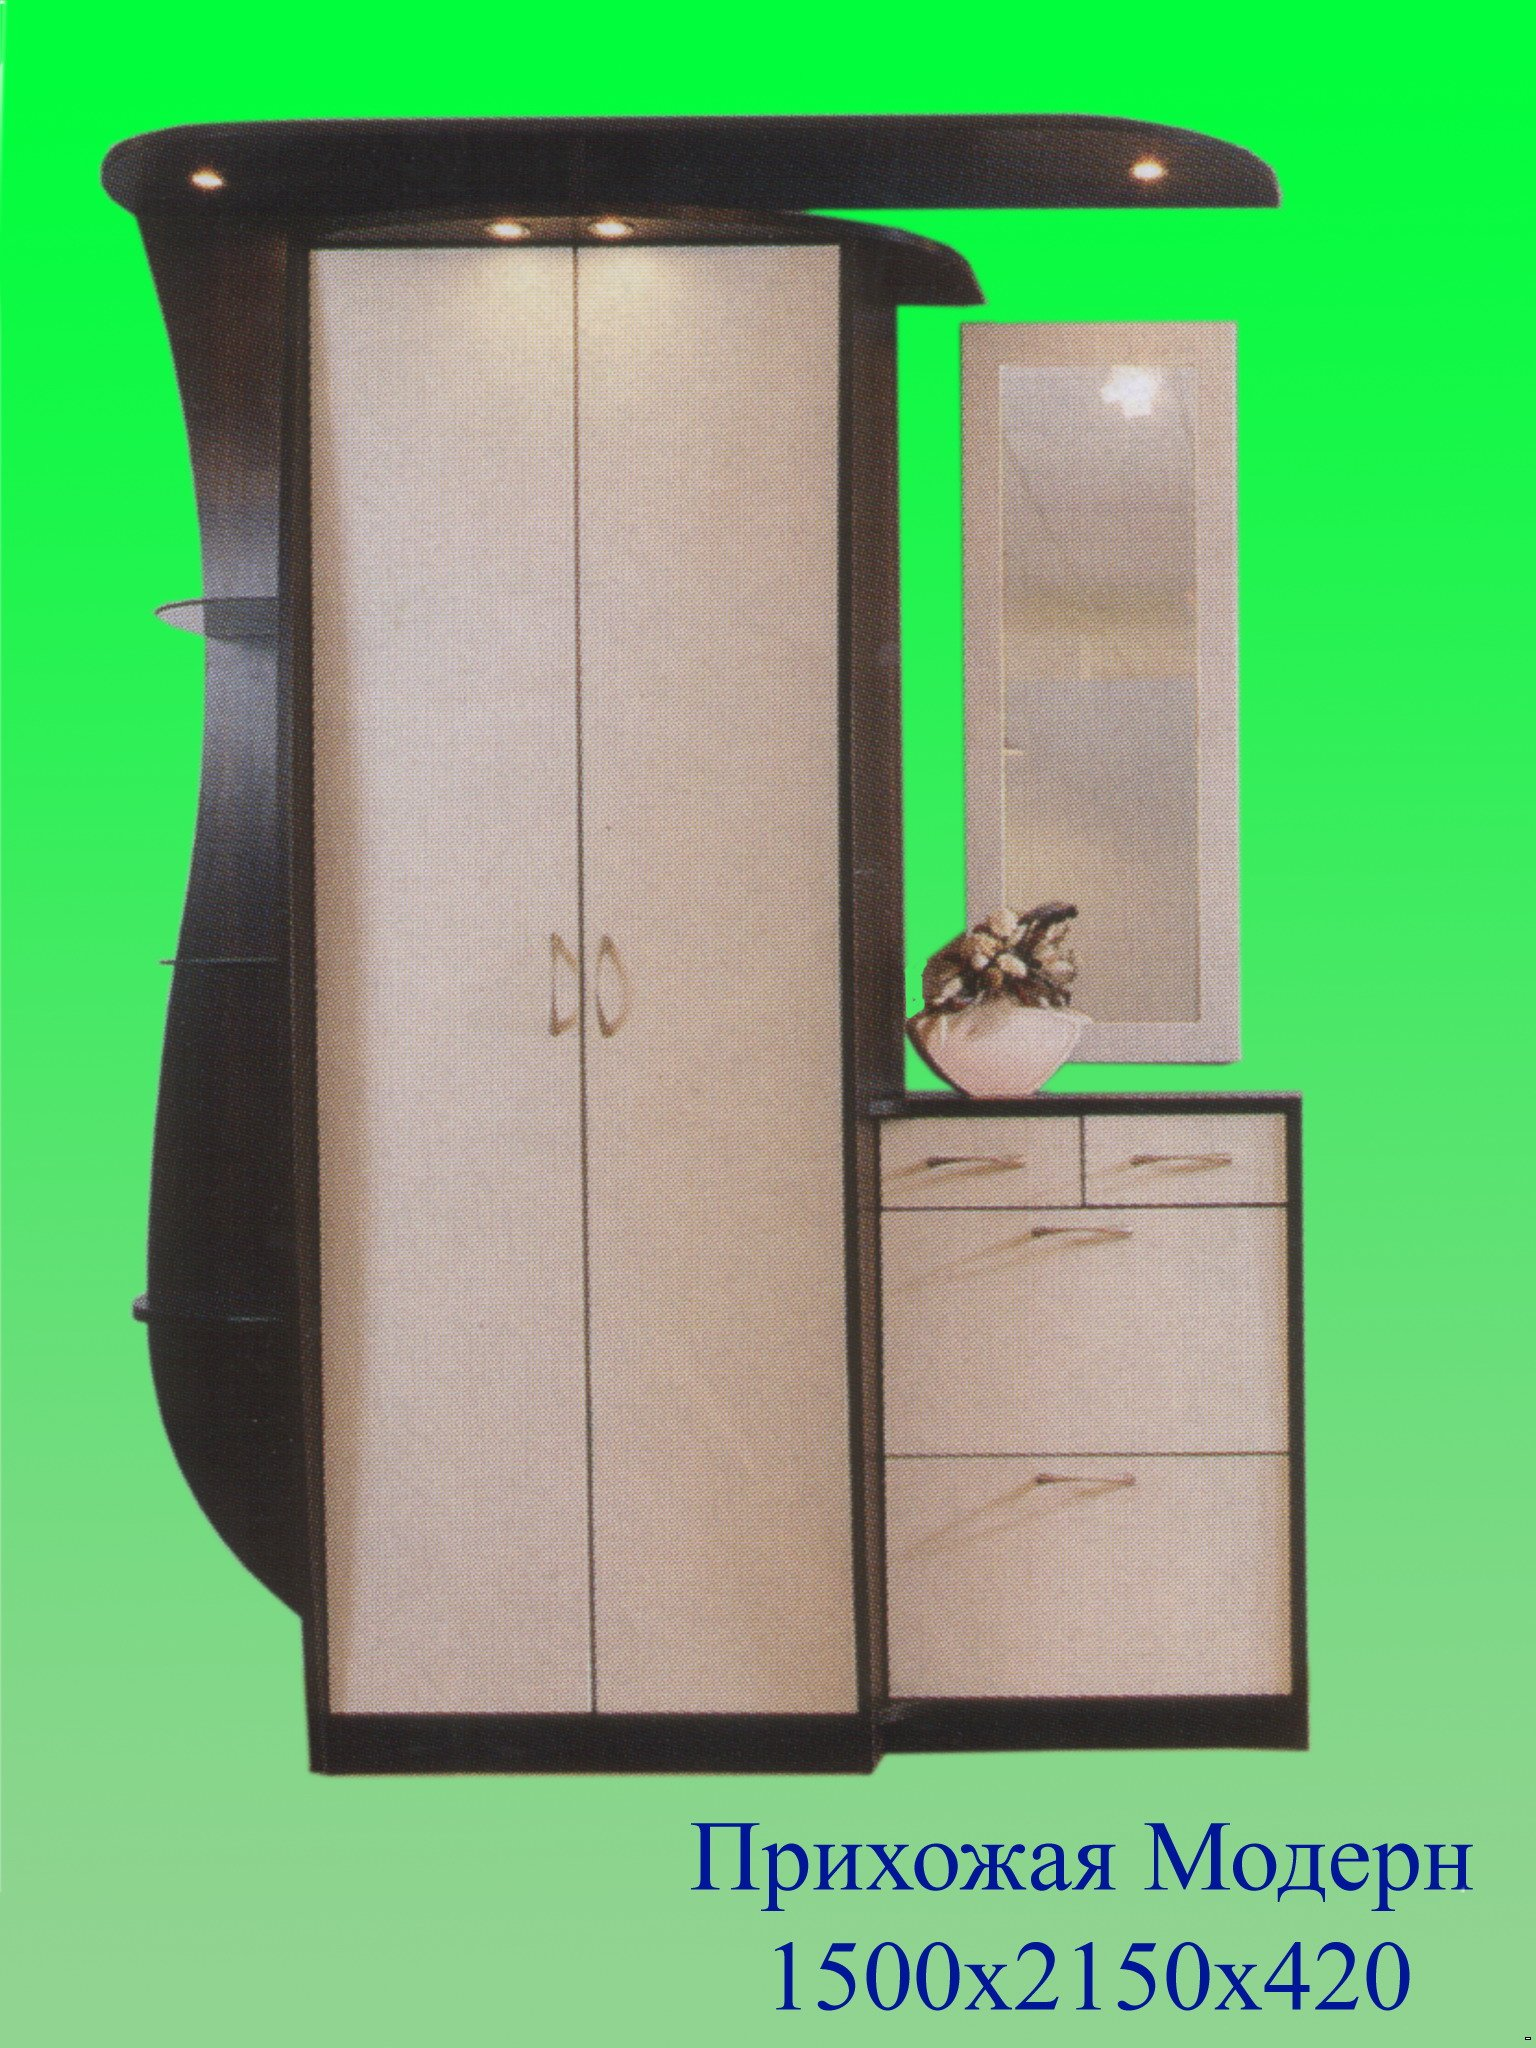 Анонс. фабрика кухонной мебели - мебельные фабрики: корпусна.